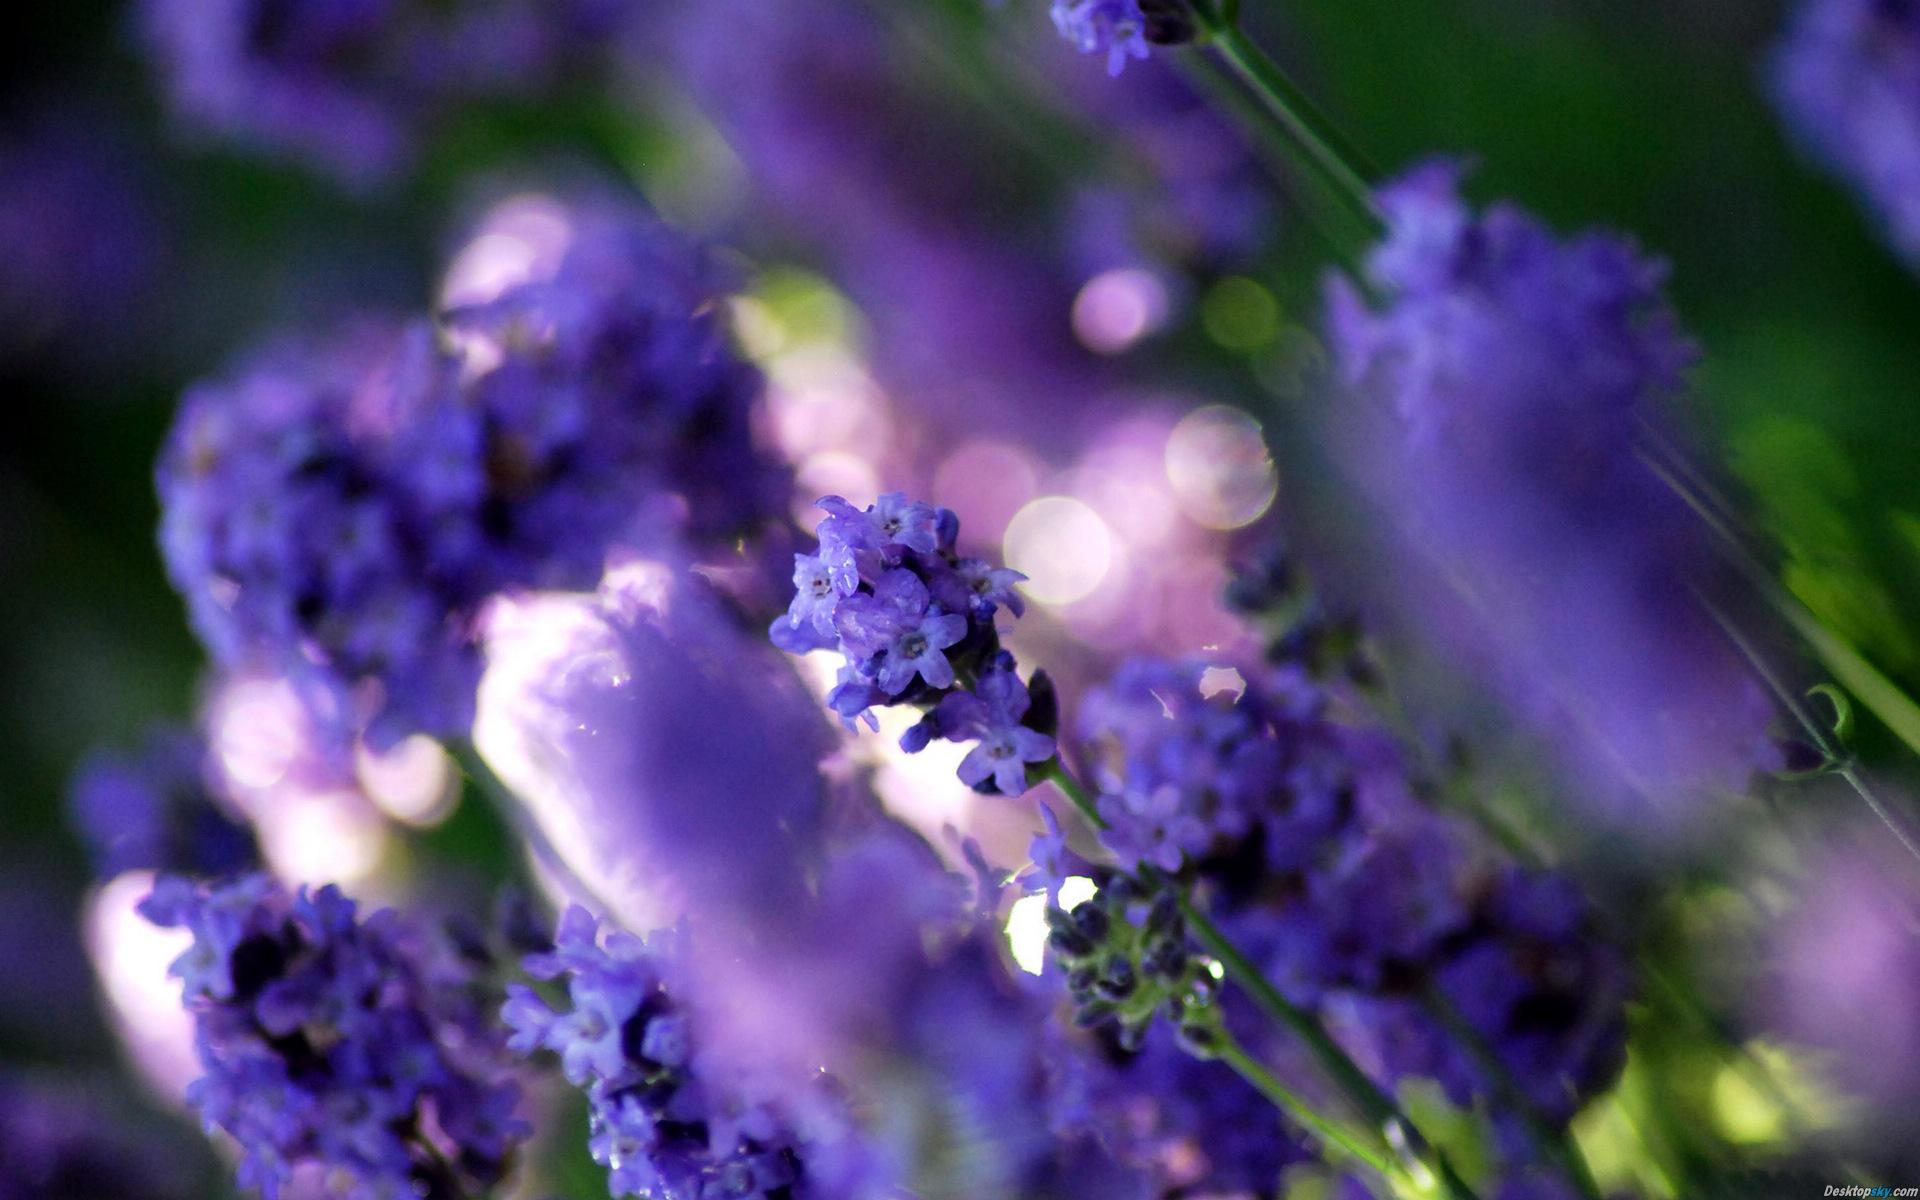 Hình-nền-đẹp-hoa-màu-tim-10